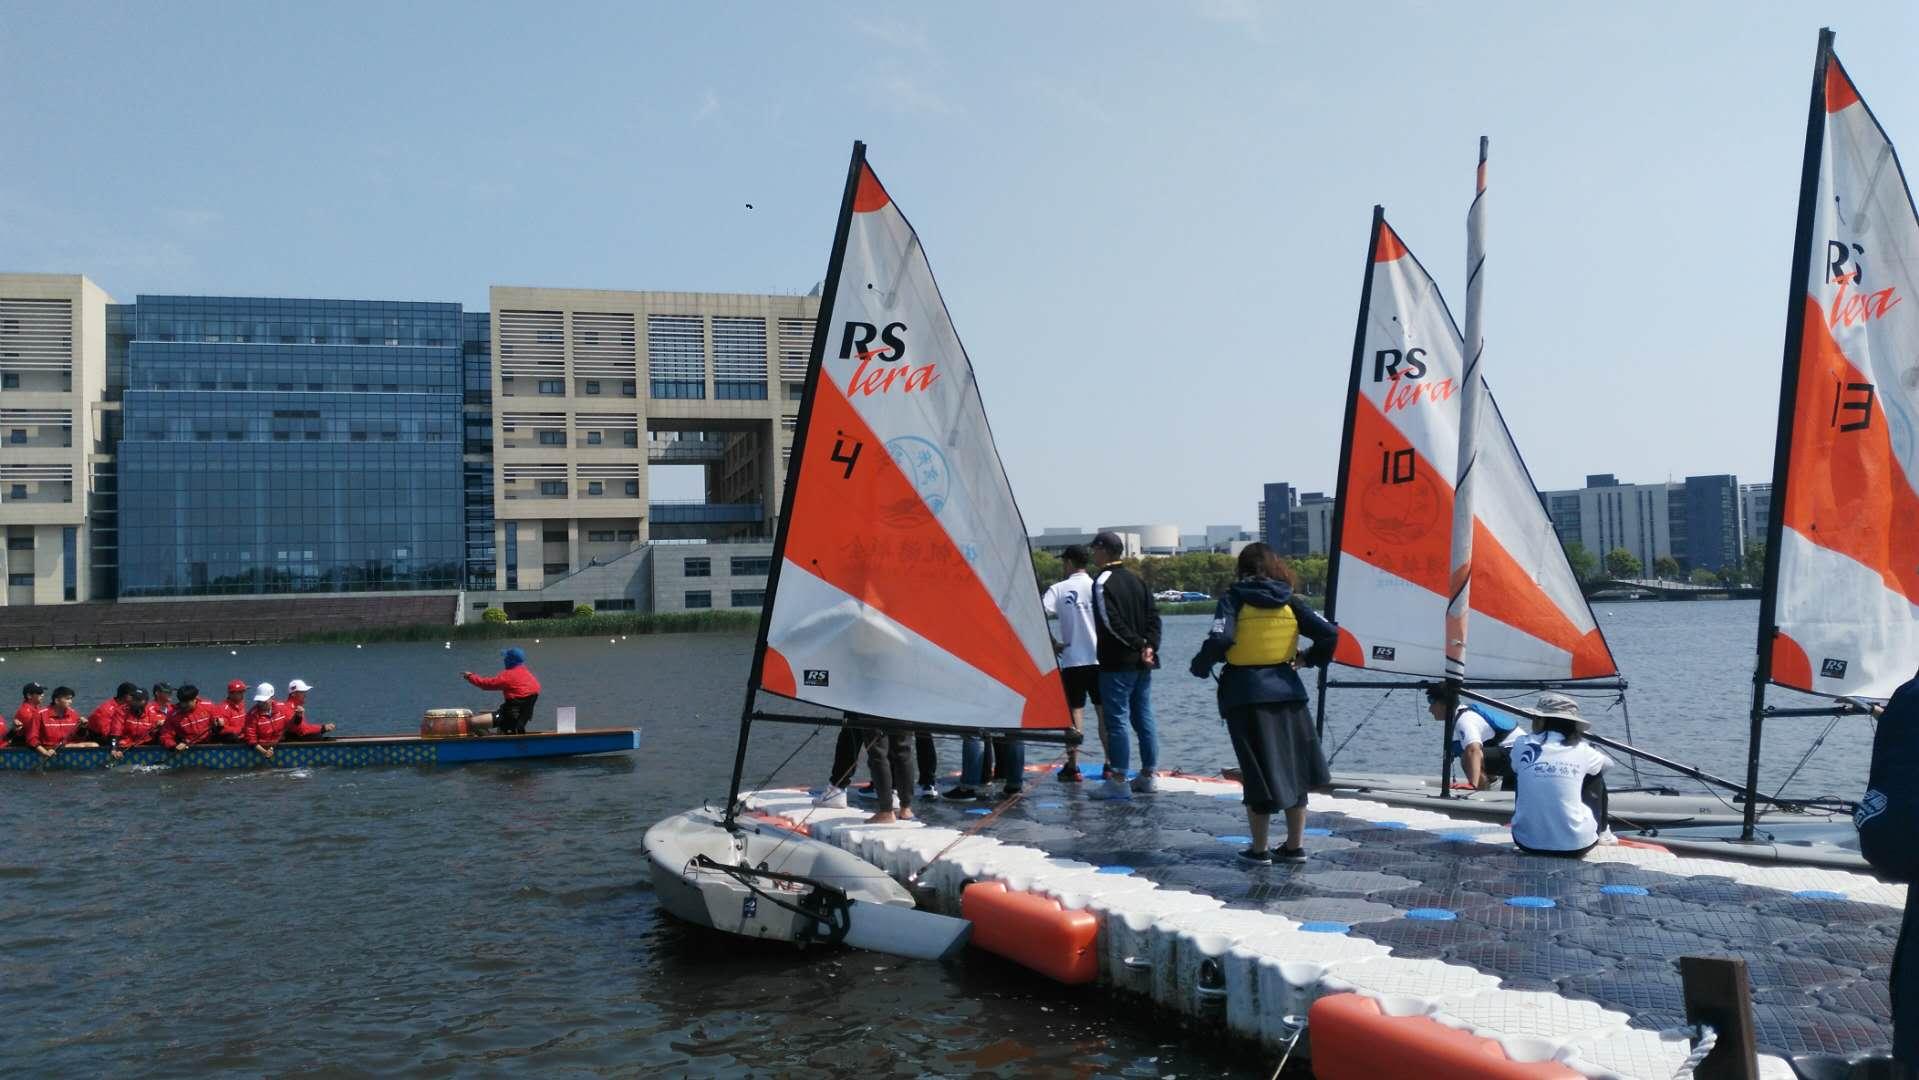 打造品牌文化项目,培养学生帆船技能,丰富学生课外活动.